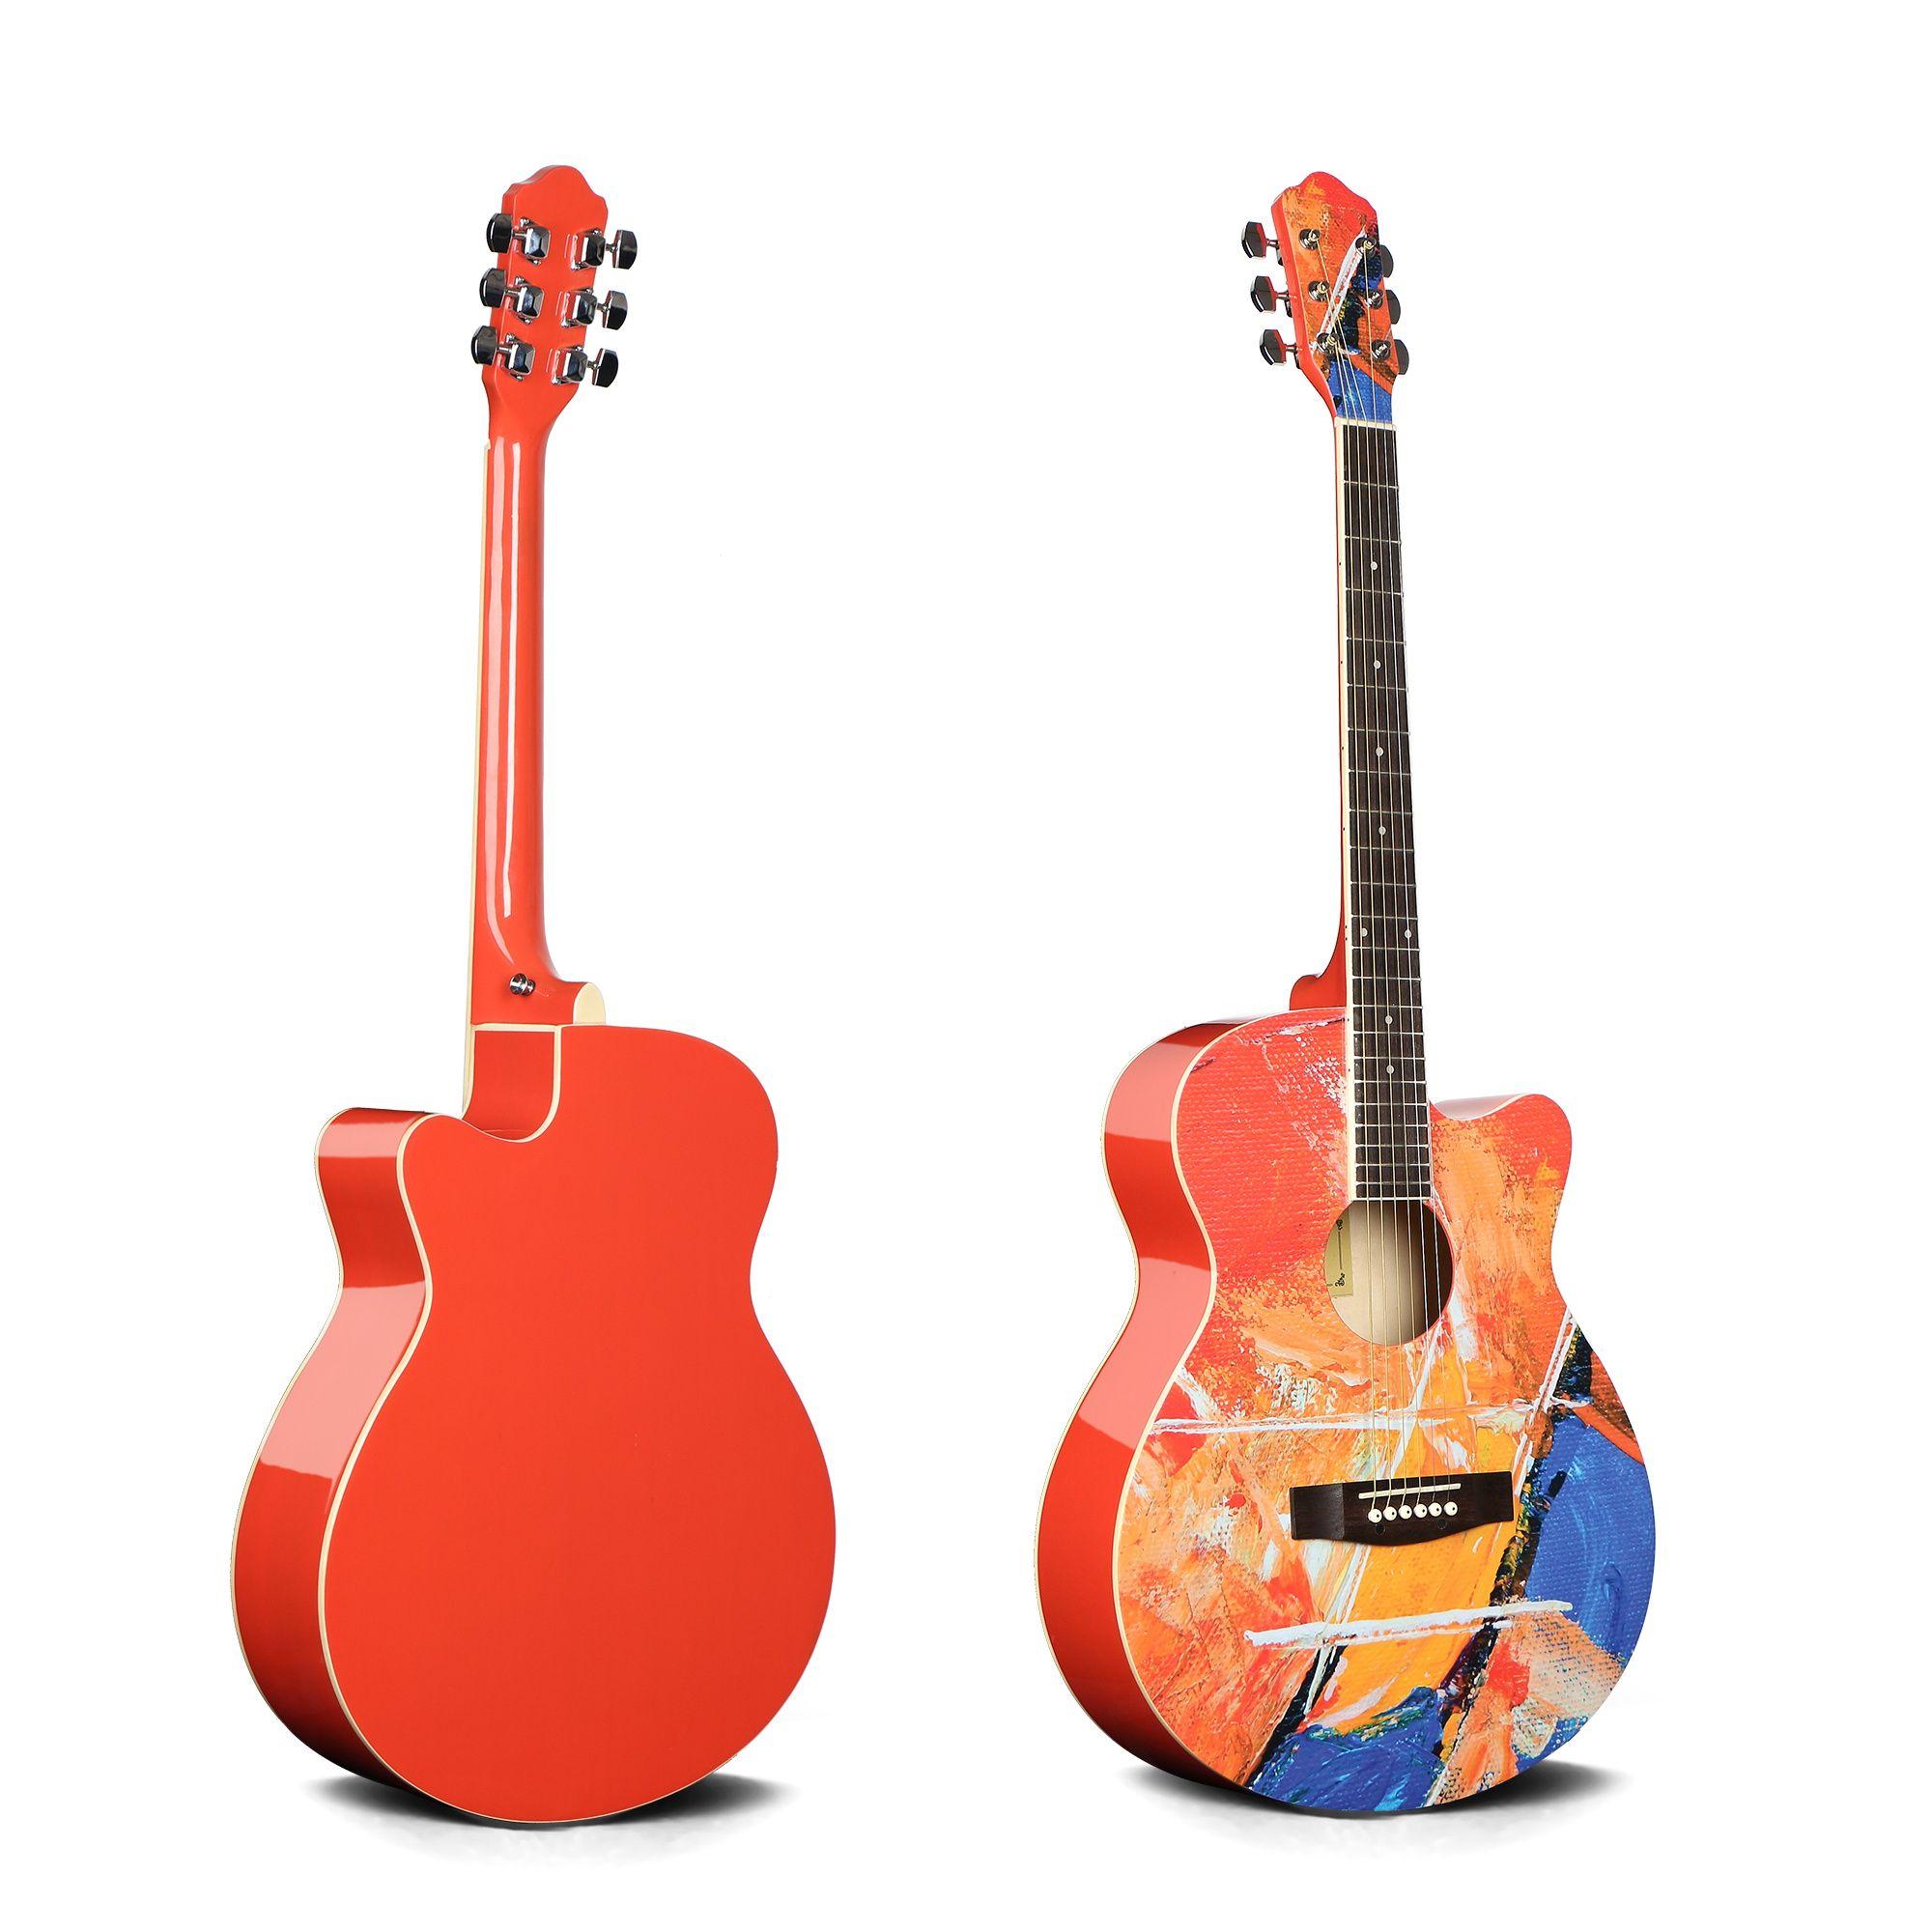 乐器民谣40寸吉他花吉他印花吉他